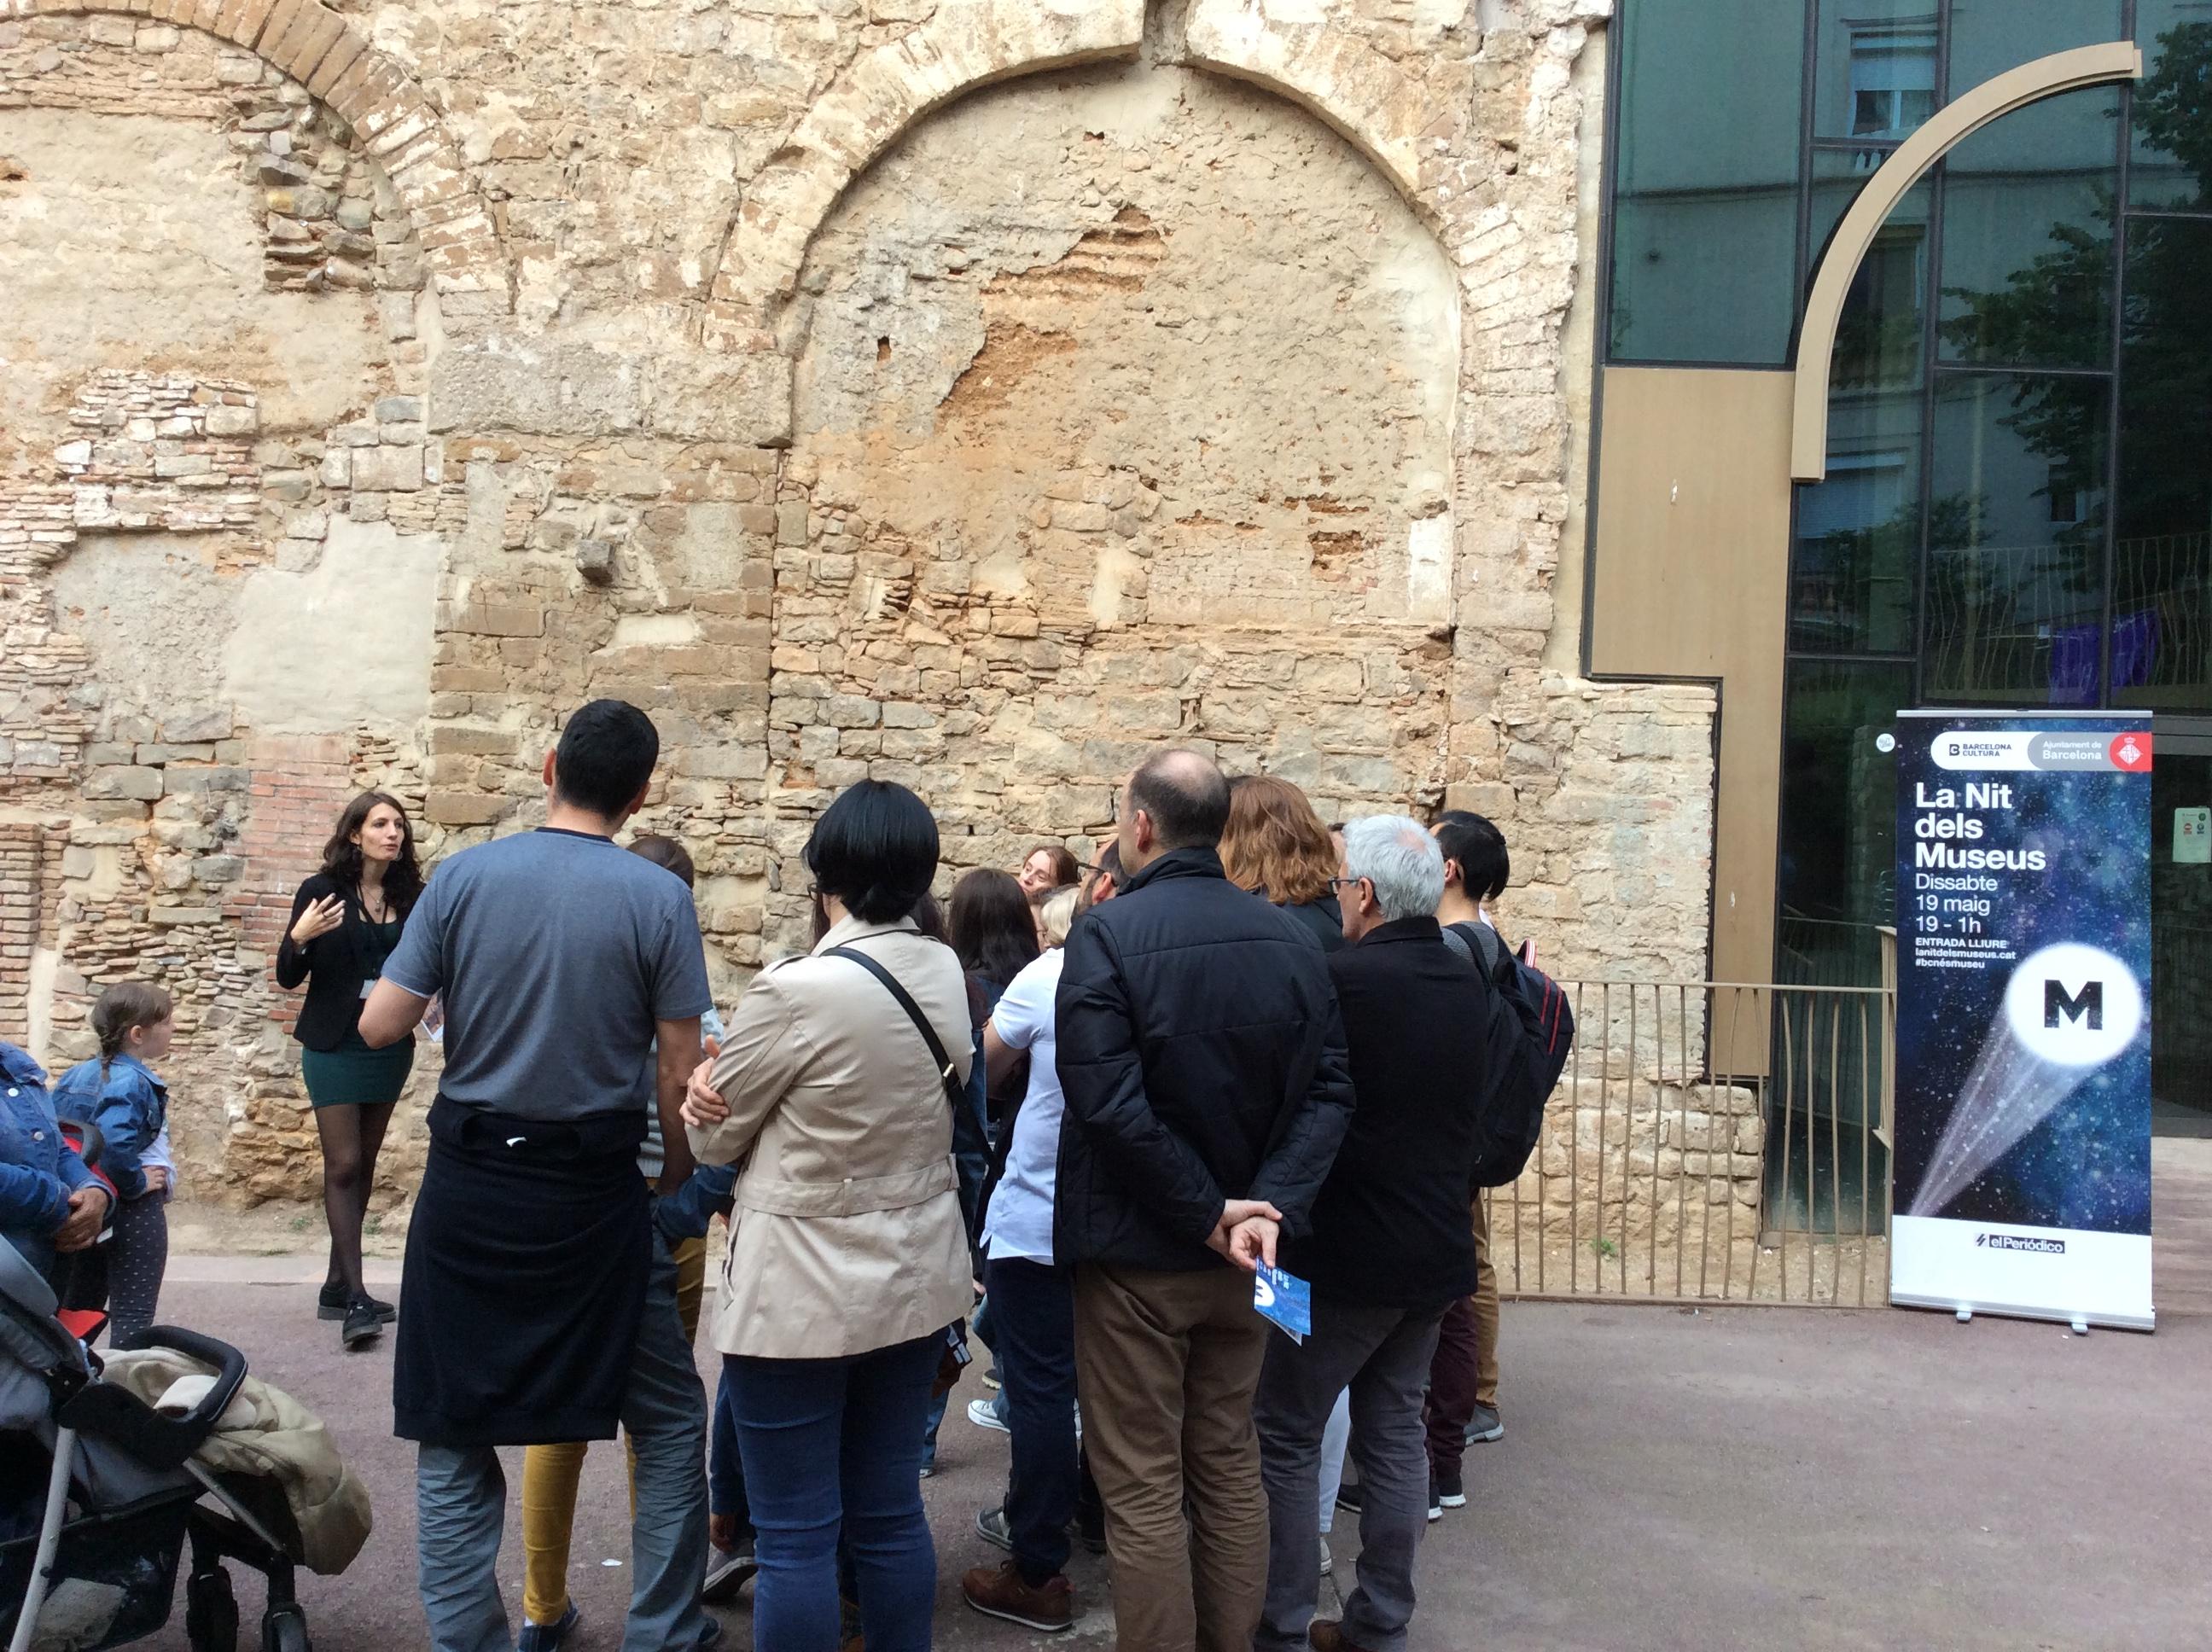 Aqüeducte romà. Plaça Vuit de Març